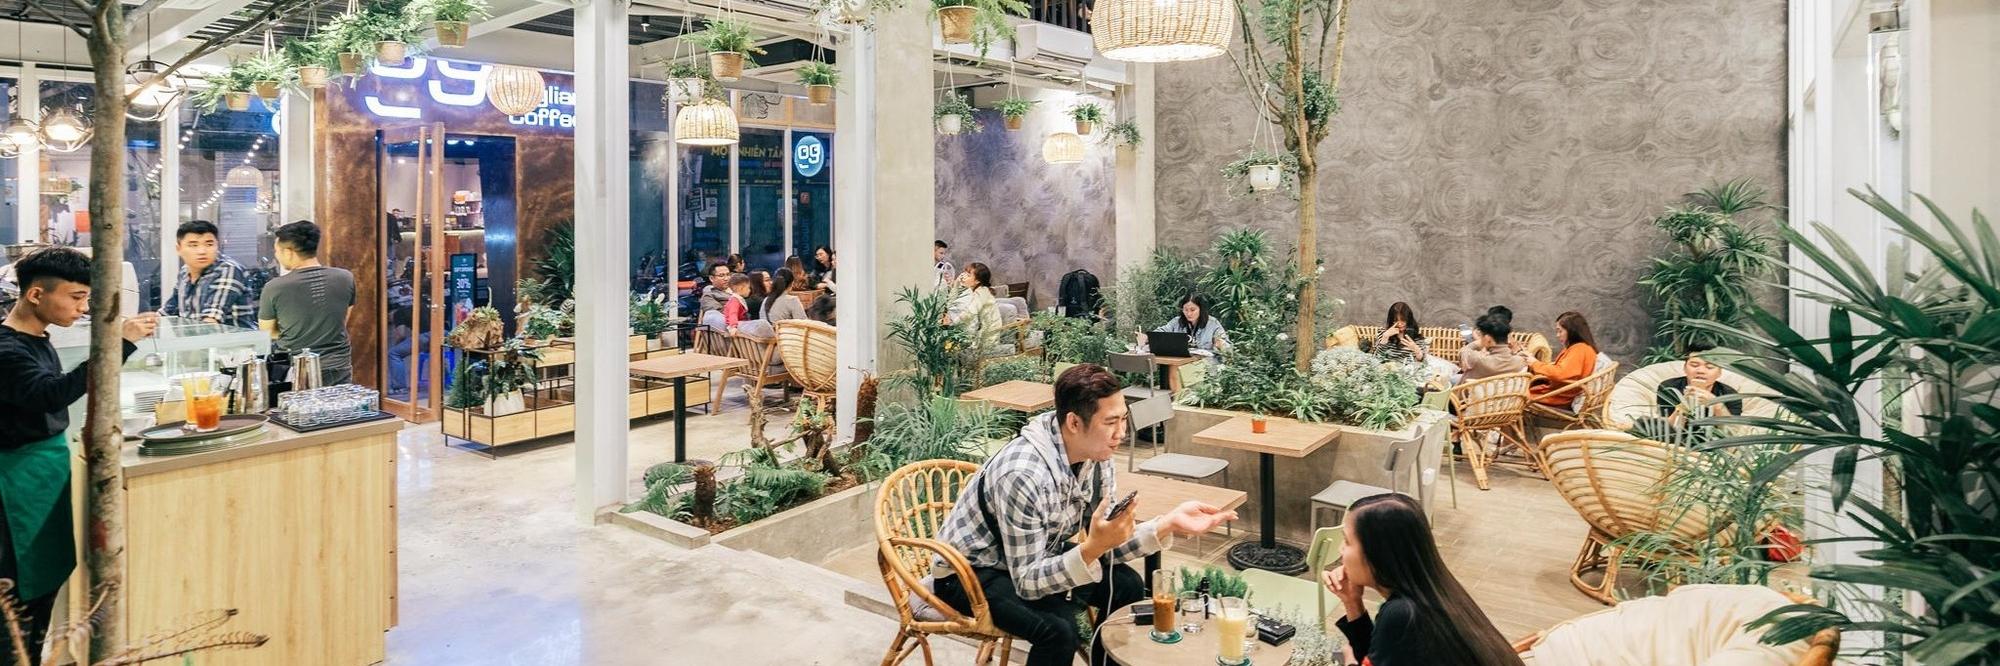 https://gody.vn/blog/knigh.gody/post/diem-danh-5-quan-cafe-cho-ngay-thanh-thoi-khong-biet-di-dau-o-ha-noi-3677